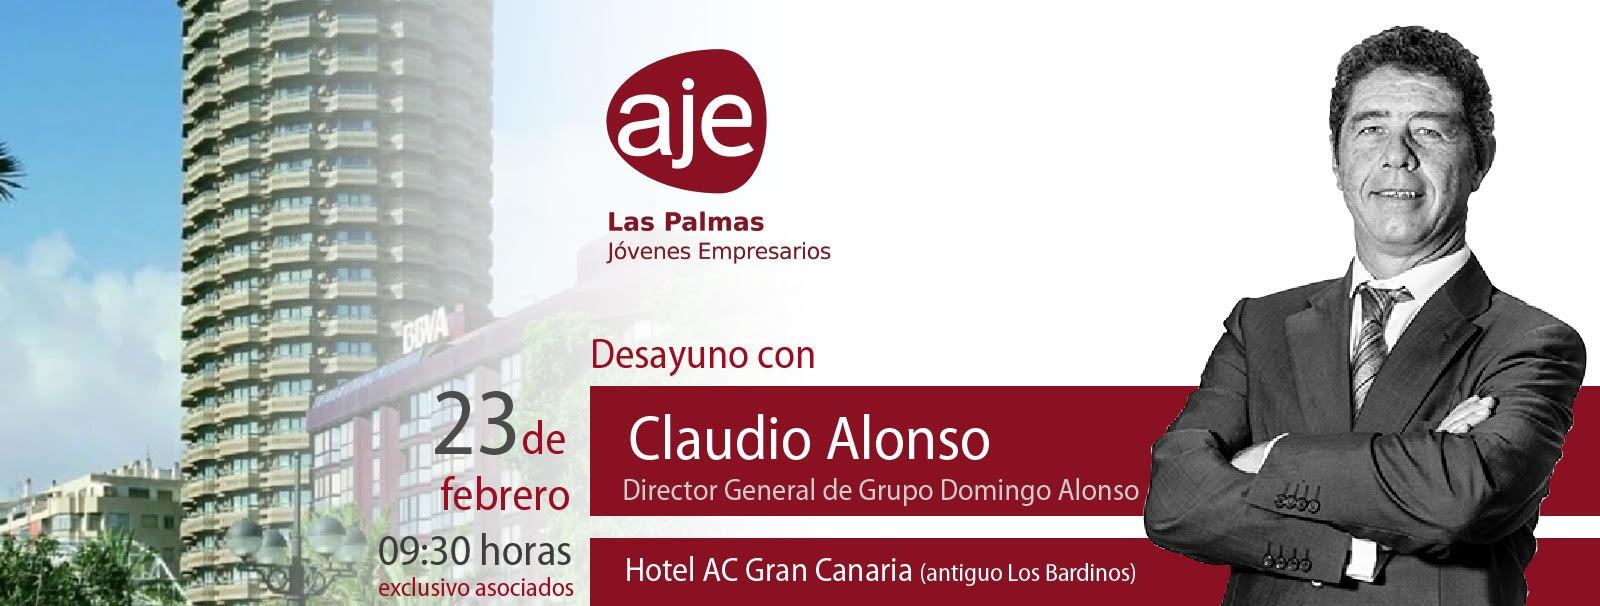 Desayuno de trabajo con Claudio Alonso y la Asociación de Jóvenes Empresarios de Las Palmas